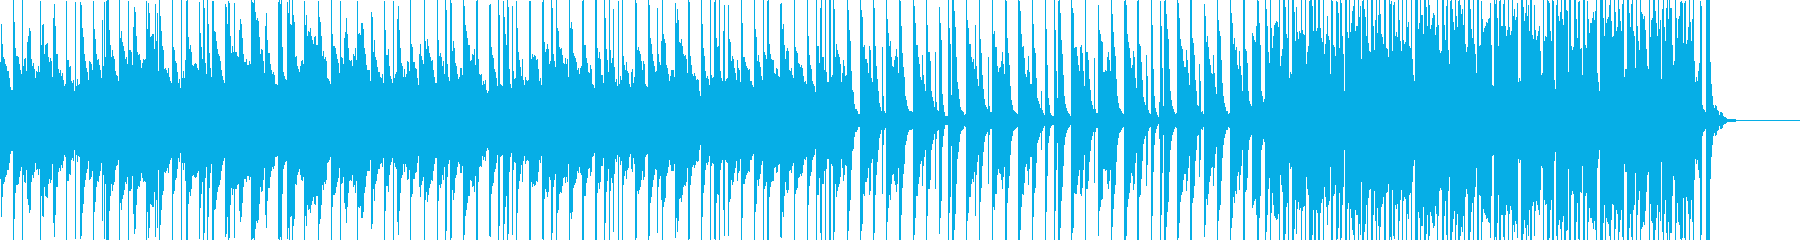 楽しくて無邪気な映像用音楽の再生済みの波形